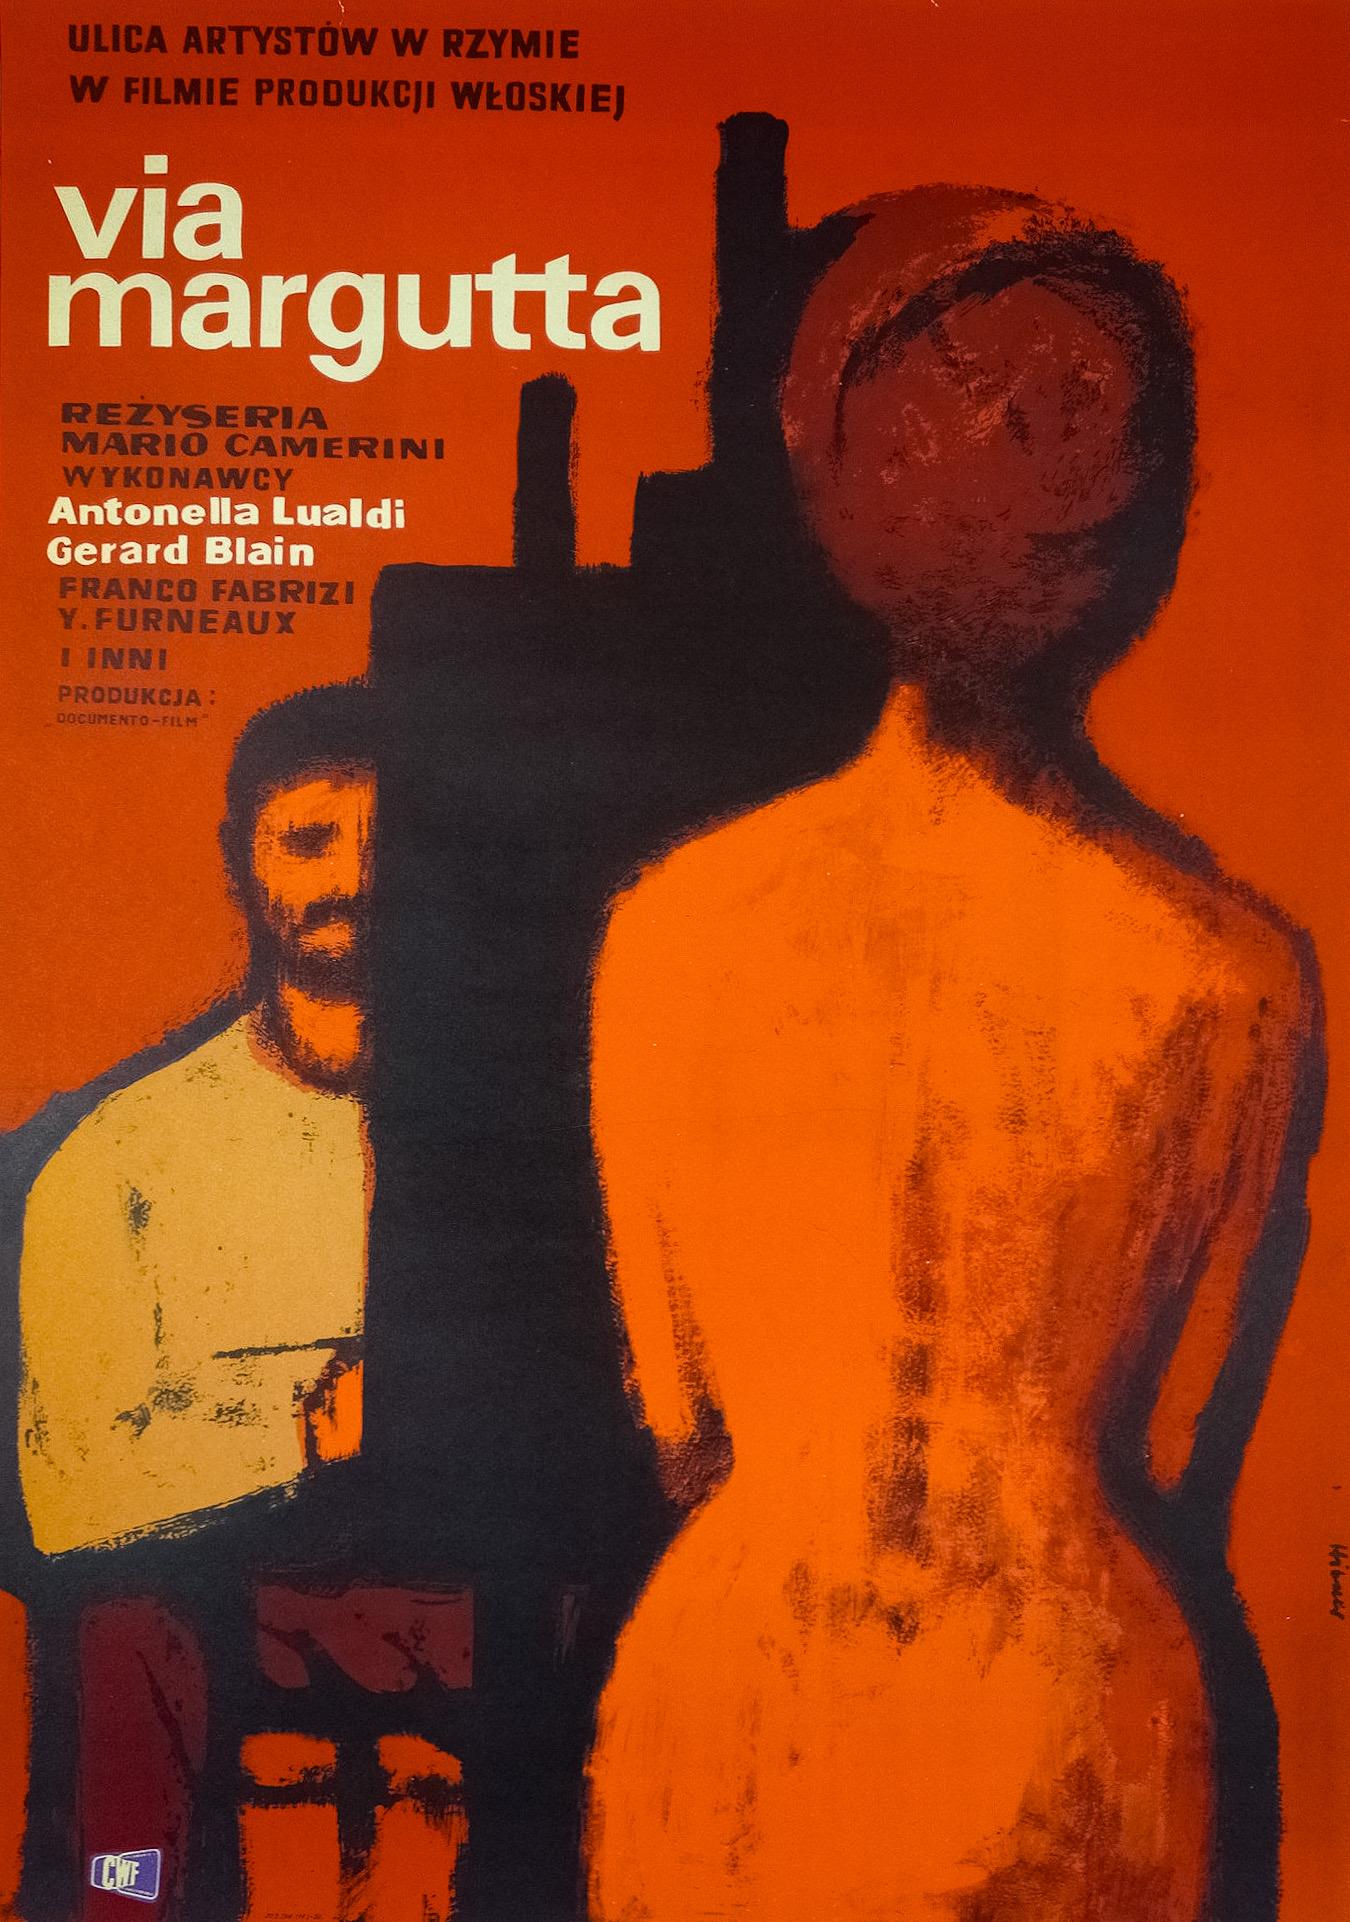 Gérard Blain, Mario Camerini, Franco Fabrizi, Yvonne Furneaux, and Antonella Lualdi in Via Margutta (1960)